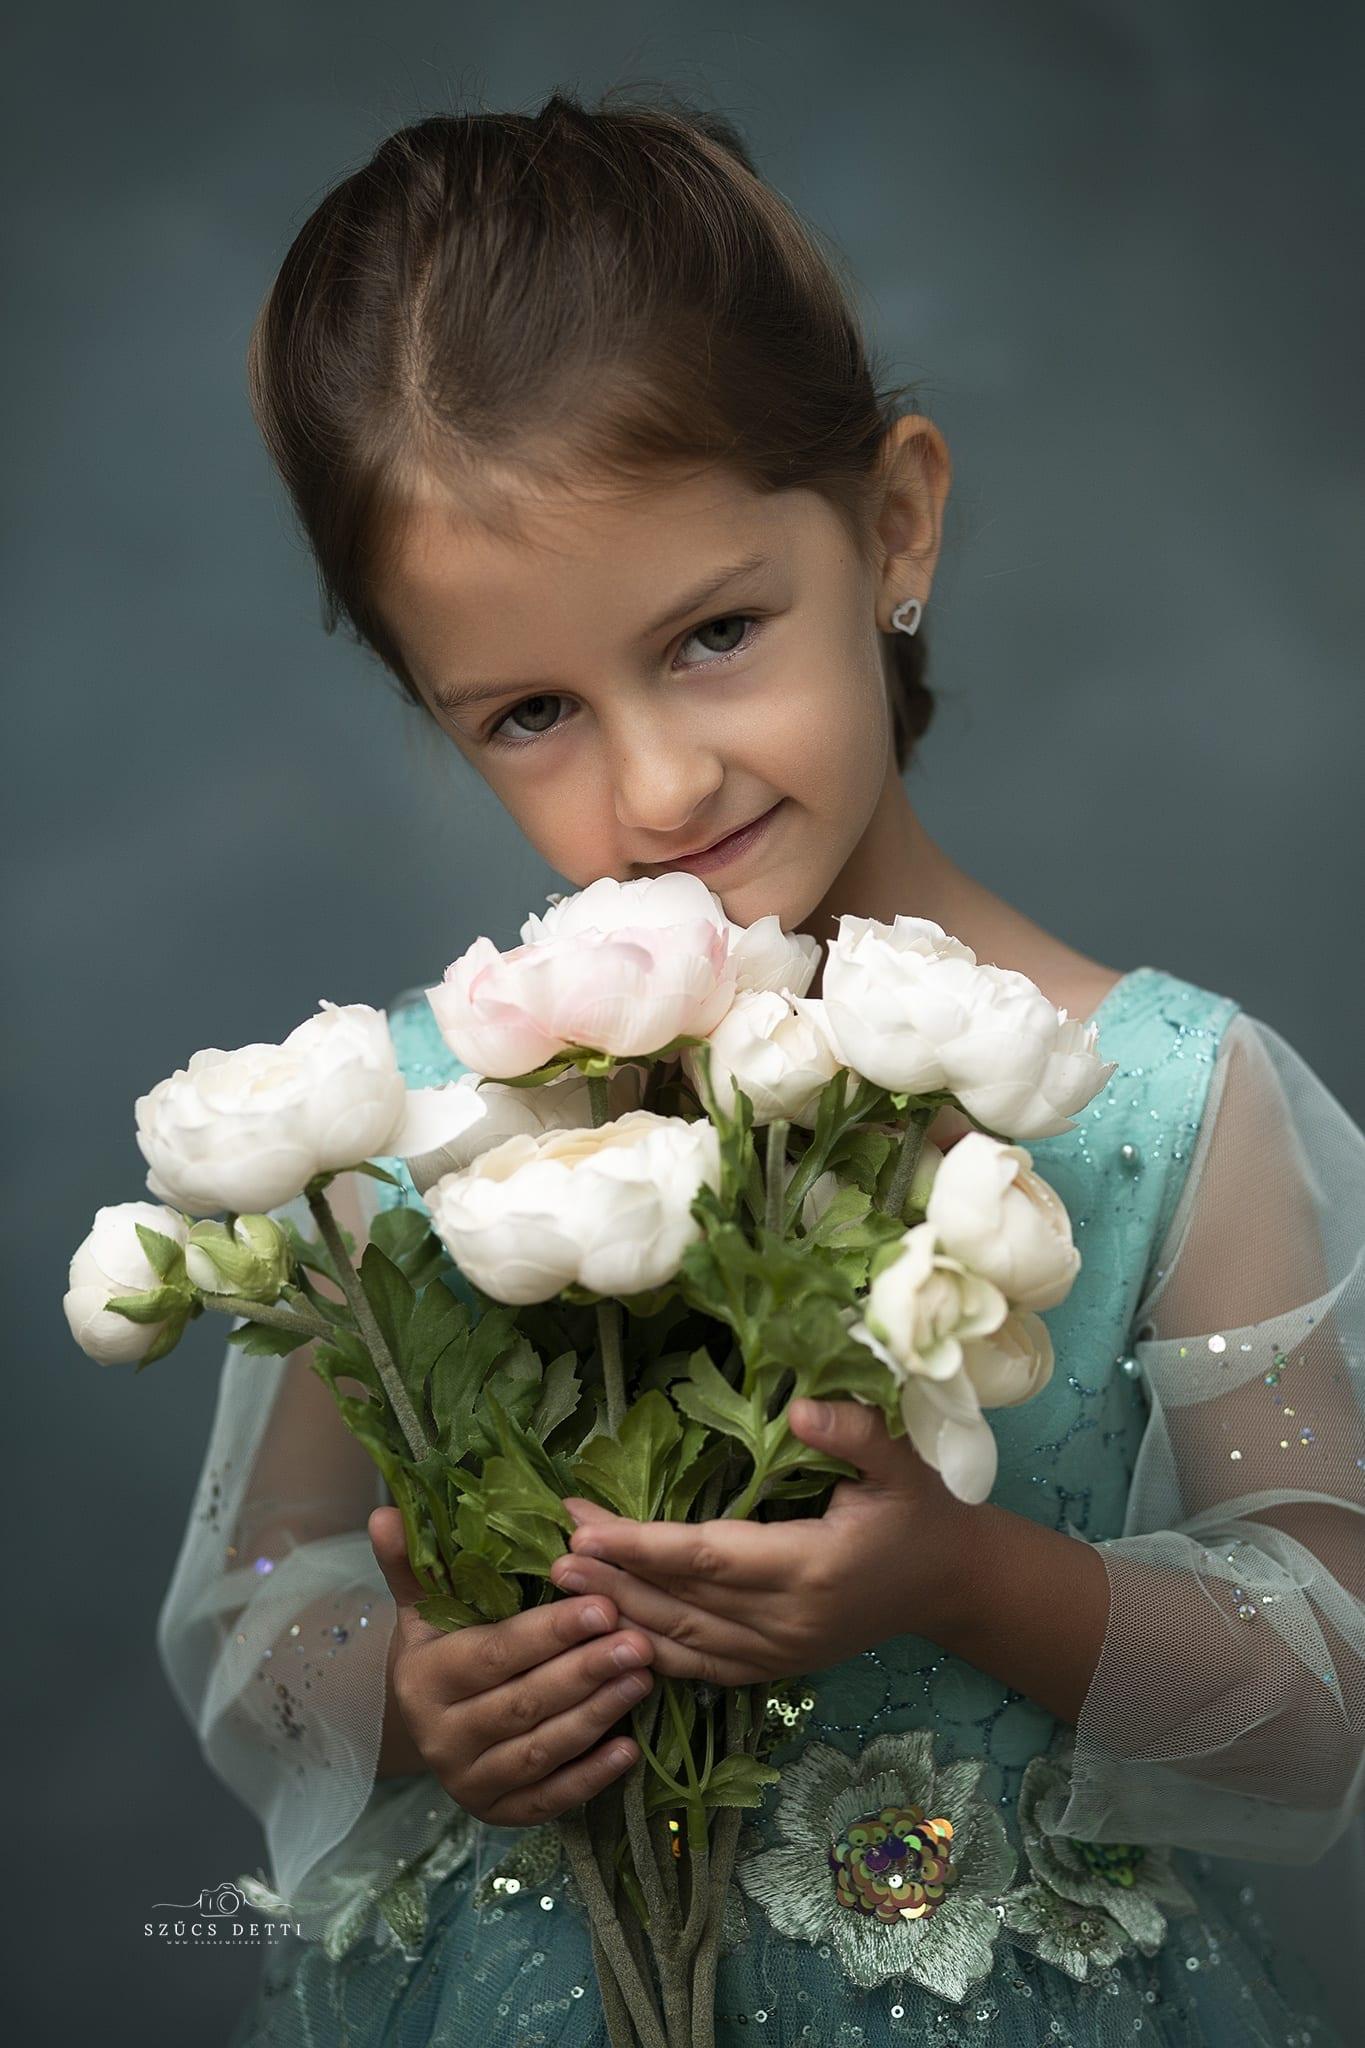 Gyerek portréfotózás virággal Budapesti fotóstúdióban